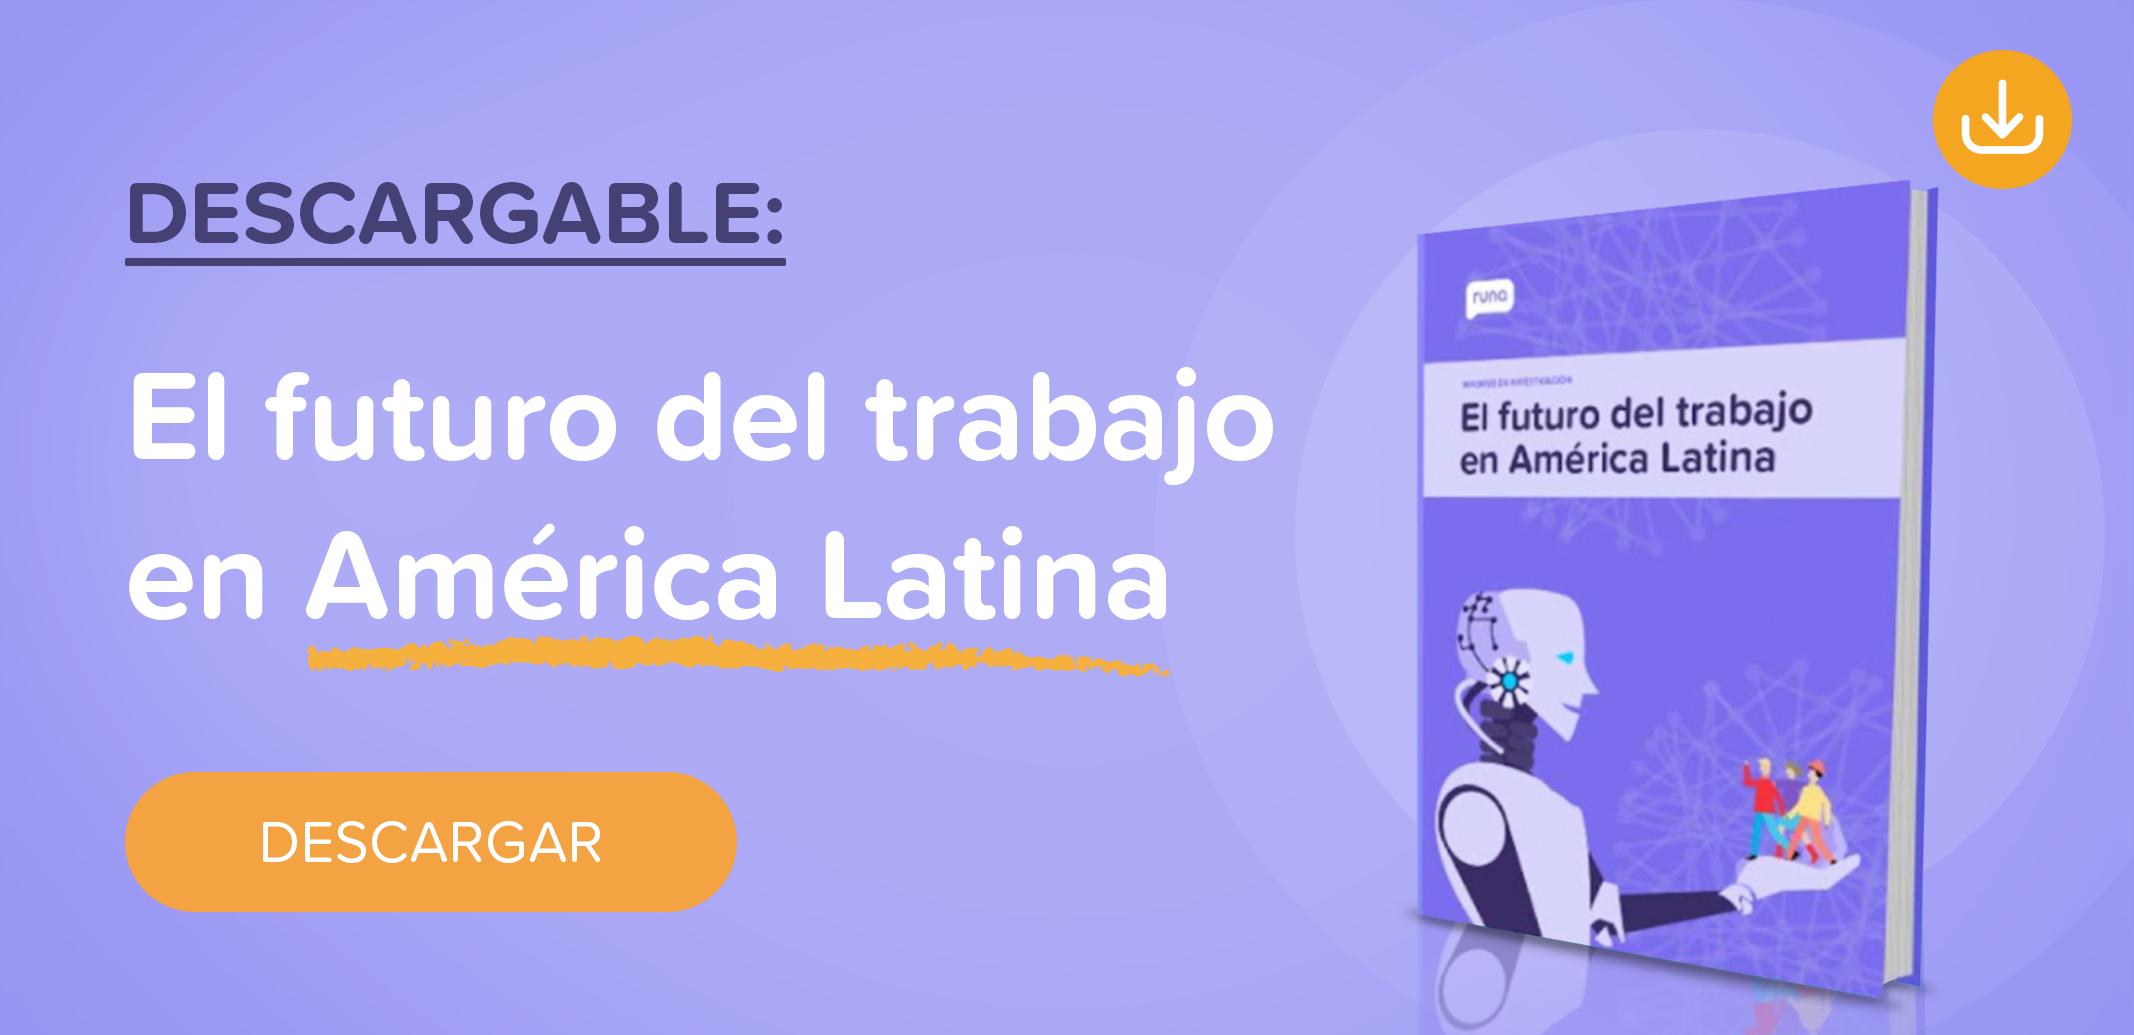 El futuro del trabajo en América Latina | Runa HR